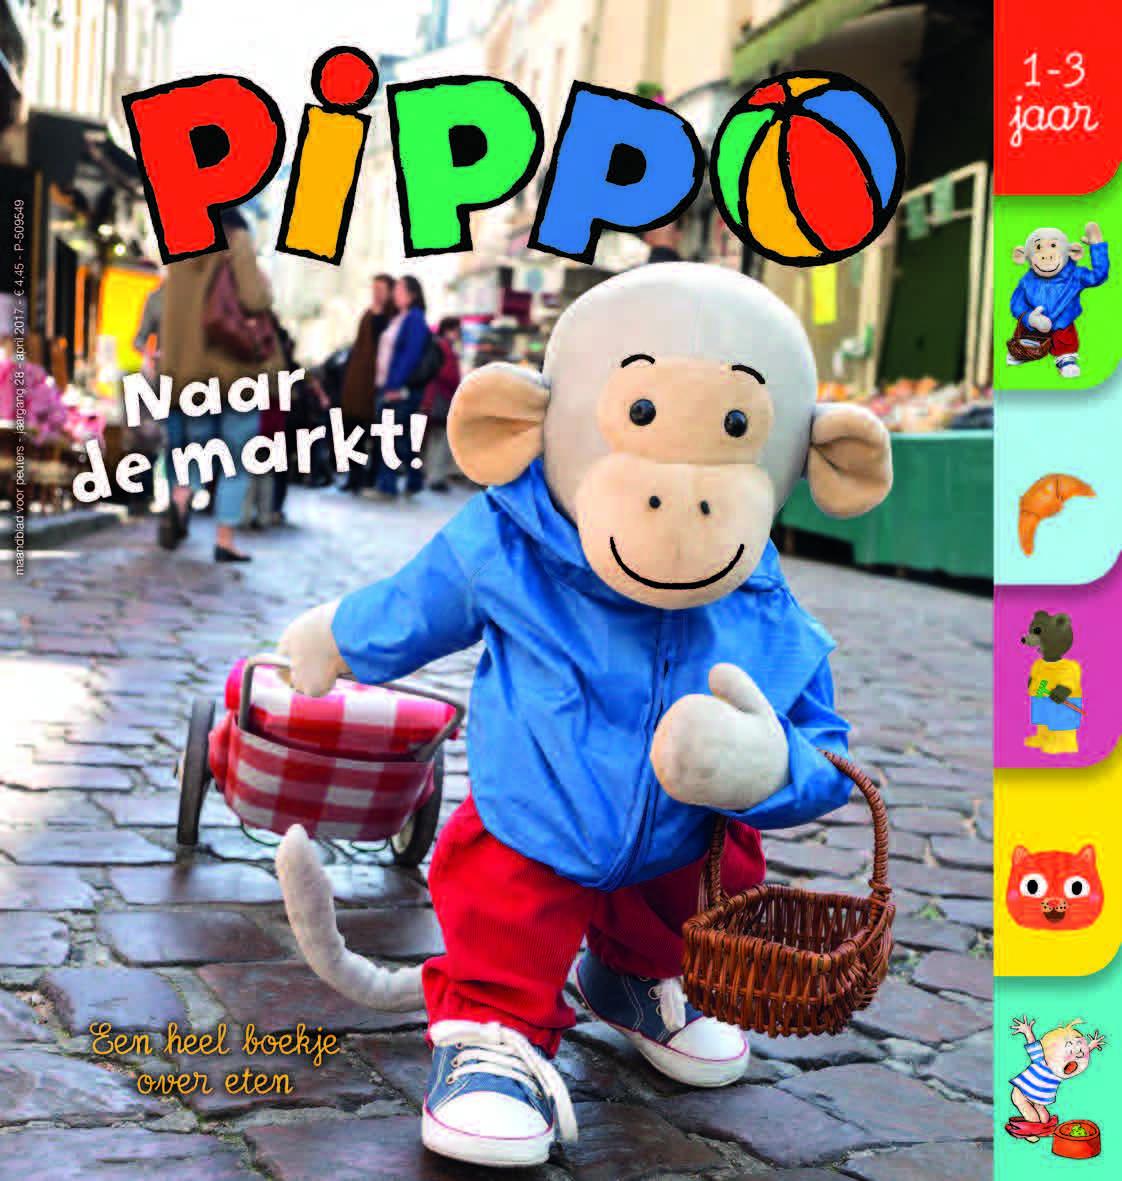 Pippo - Jaarabonnement via overschrijving + geschenk